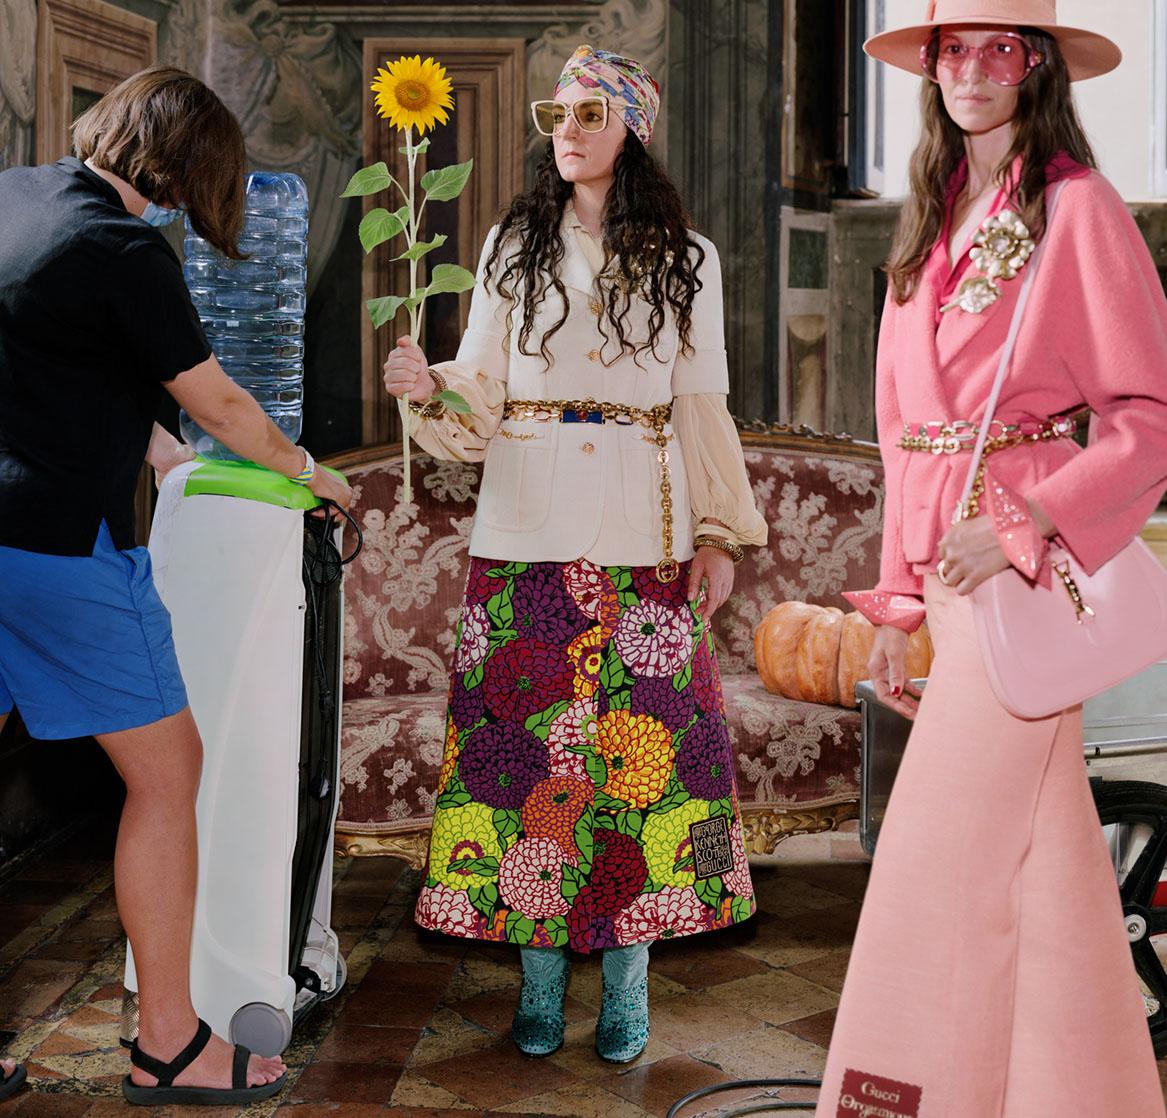 Campaign BST Epilogue của Gucci bộ trang phục màu hồng nổi bật và cô gái cầm hoa